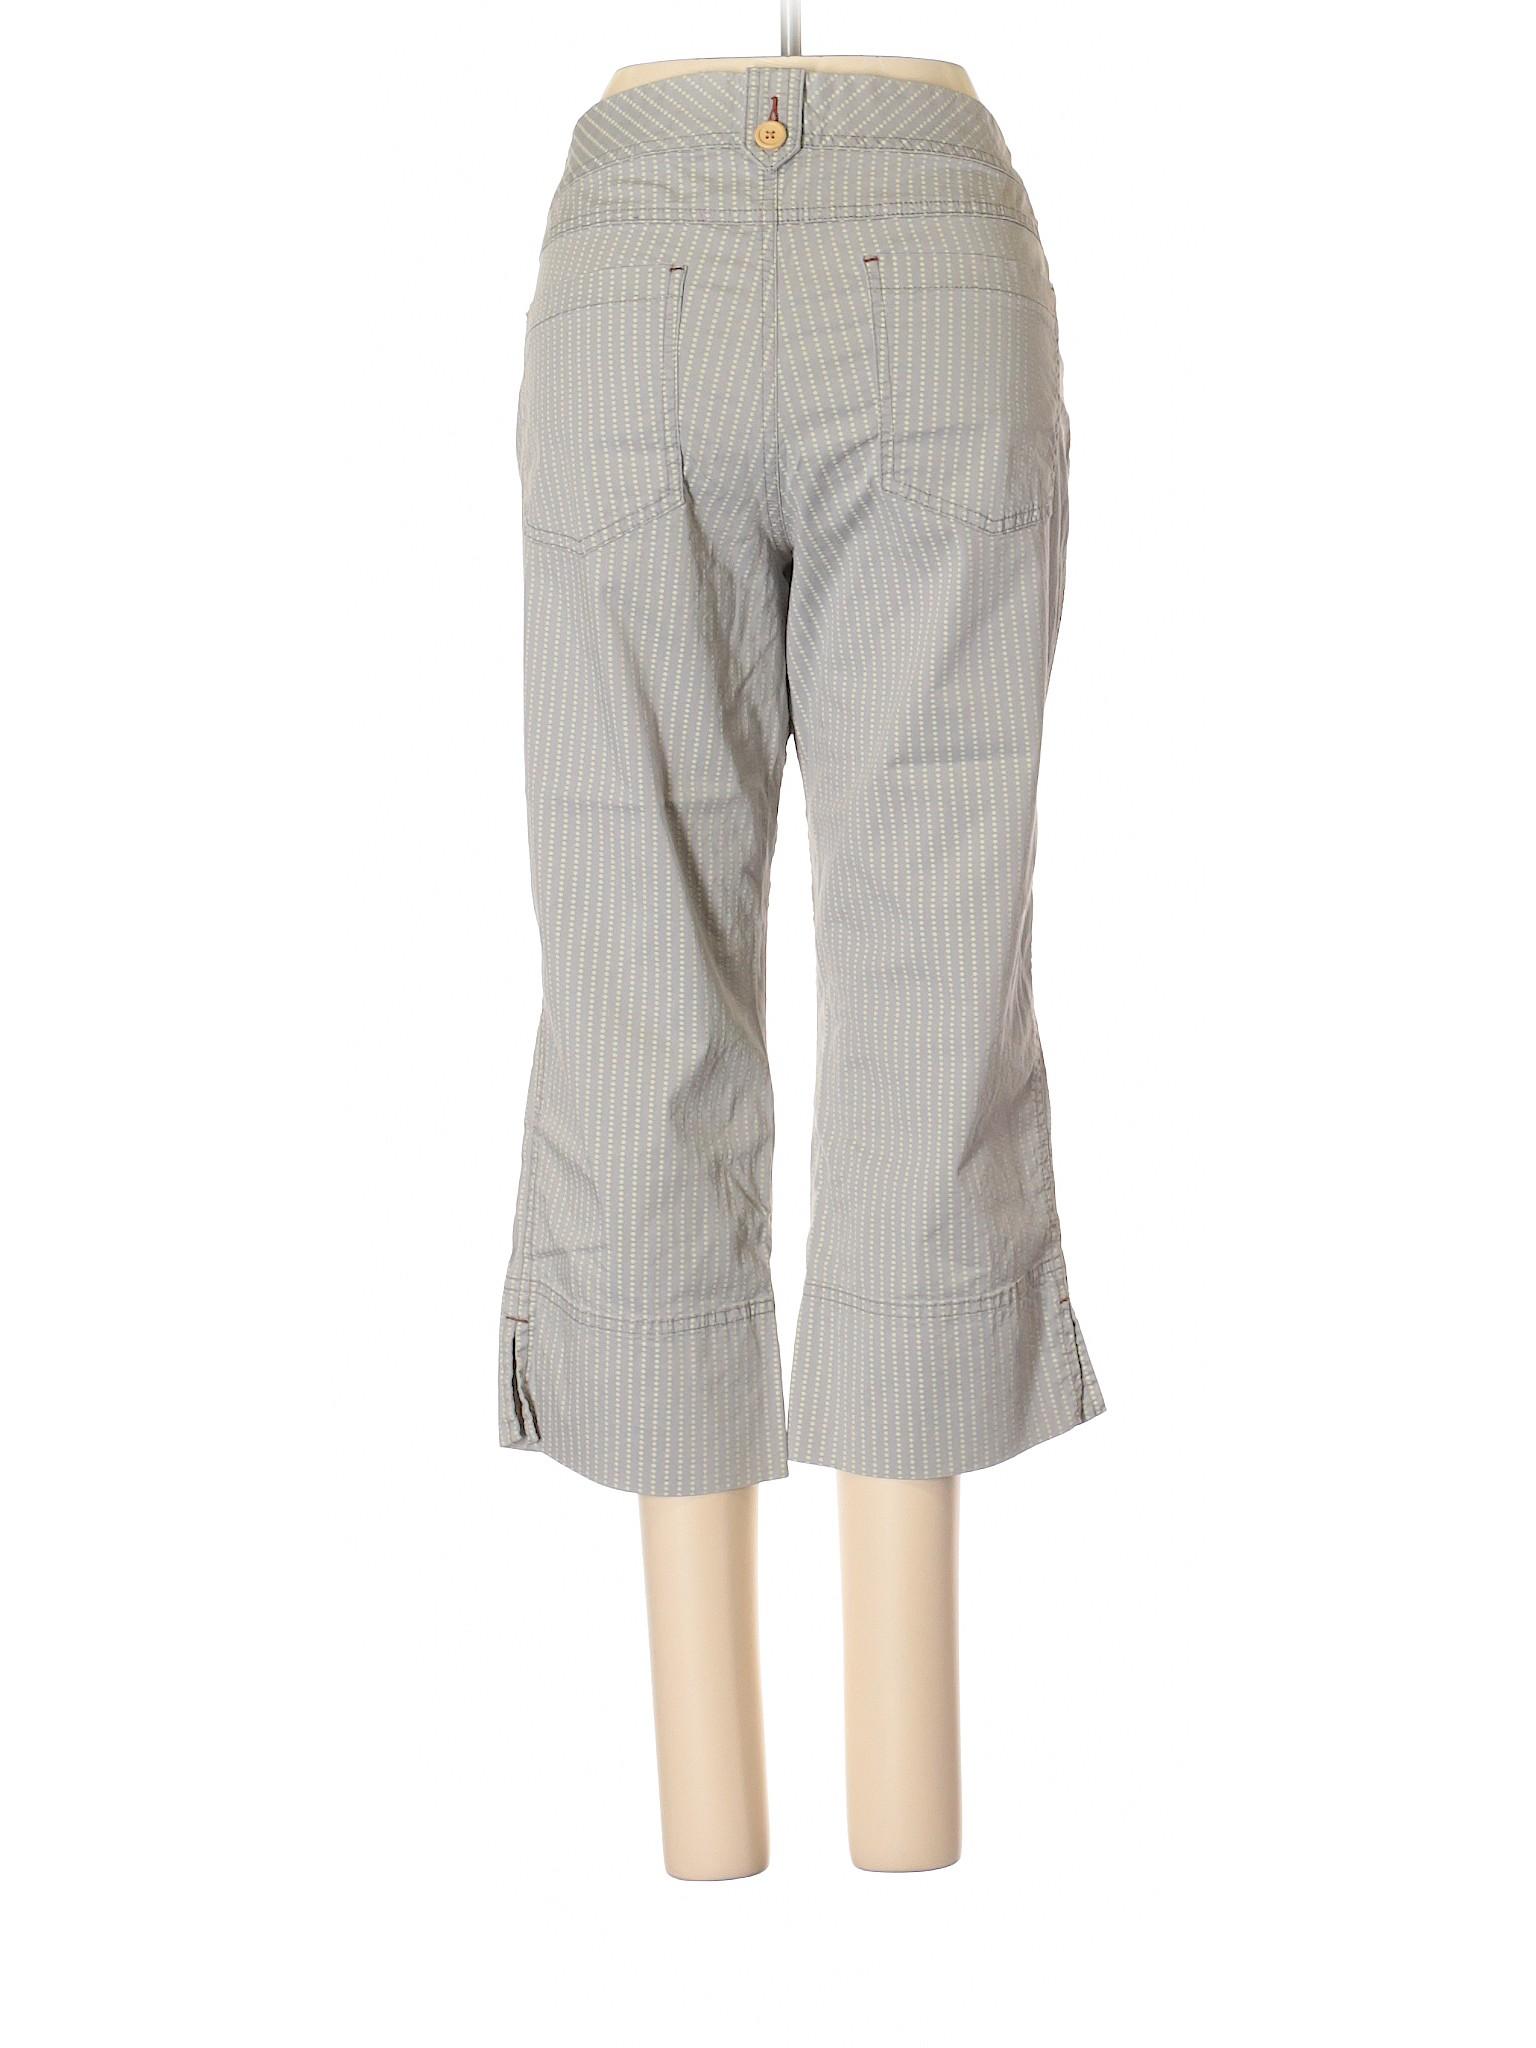 Urban Boutique Pants Pants Boutique Boutique Casual Casual Urban Outfitters Urban Outfitters gFCW5qww